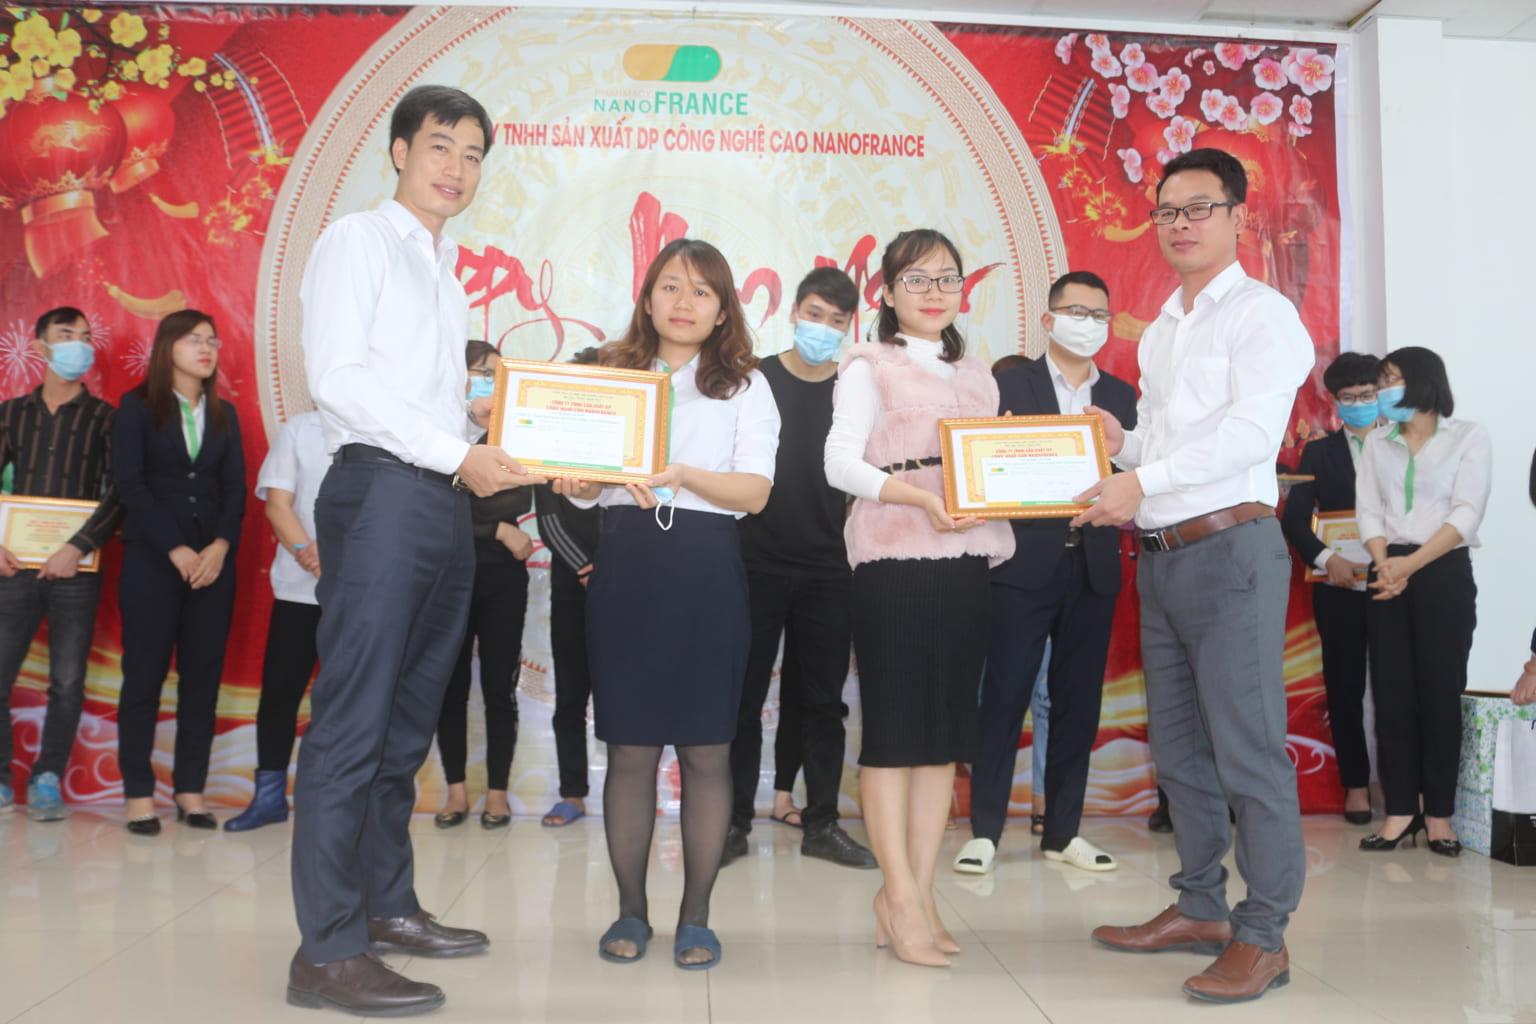 Cán bộ công nhân viên xuất sắc lần lượt lên nhận phần thưởng và bằng khen...